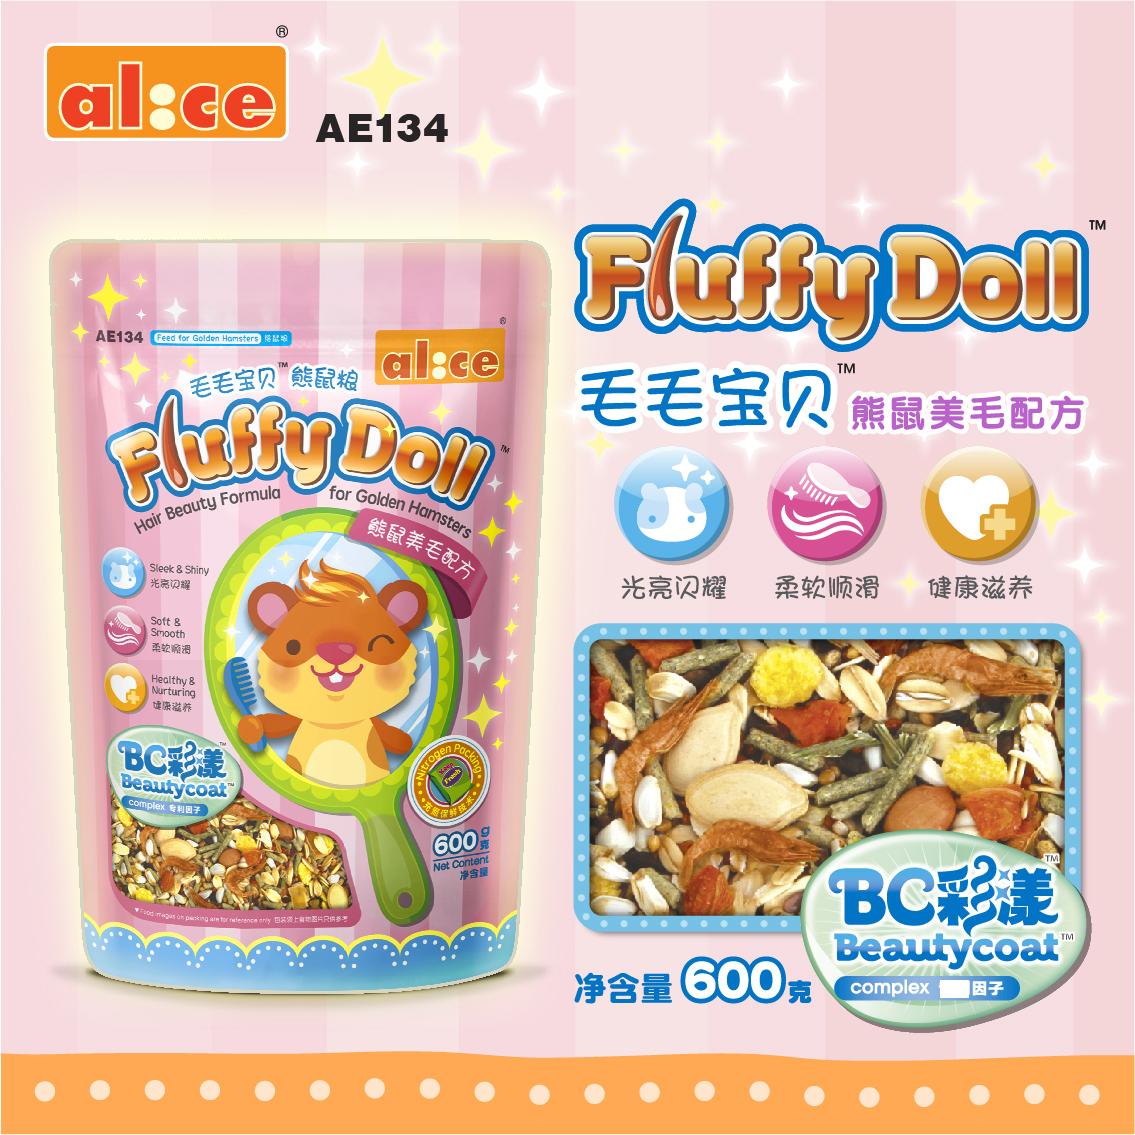 [兔兔窝总店饲料,零食]Alice 艾妮斯美毛金丝熊粮600yabo228811件仅售43元